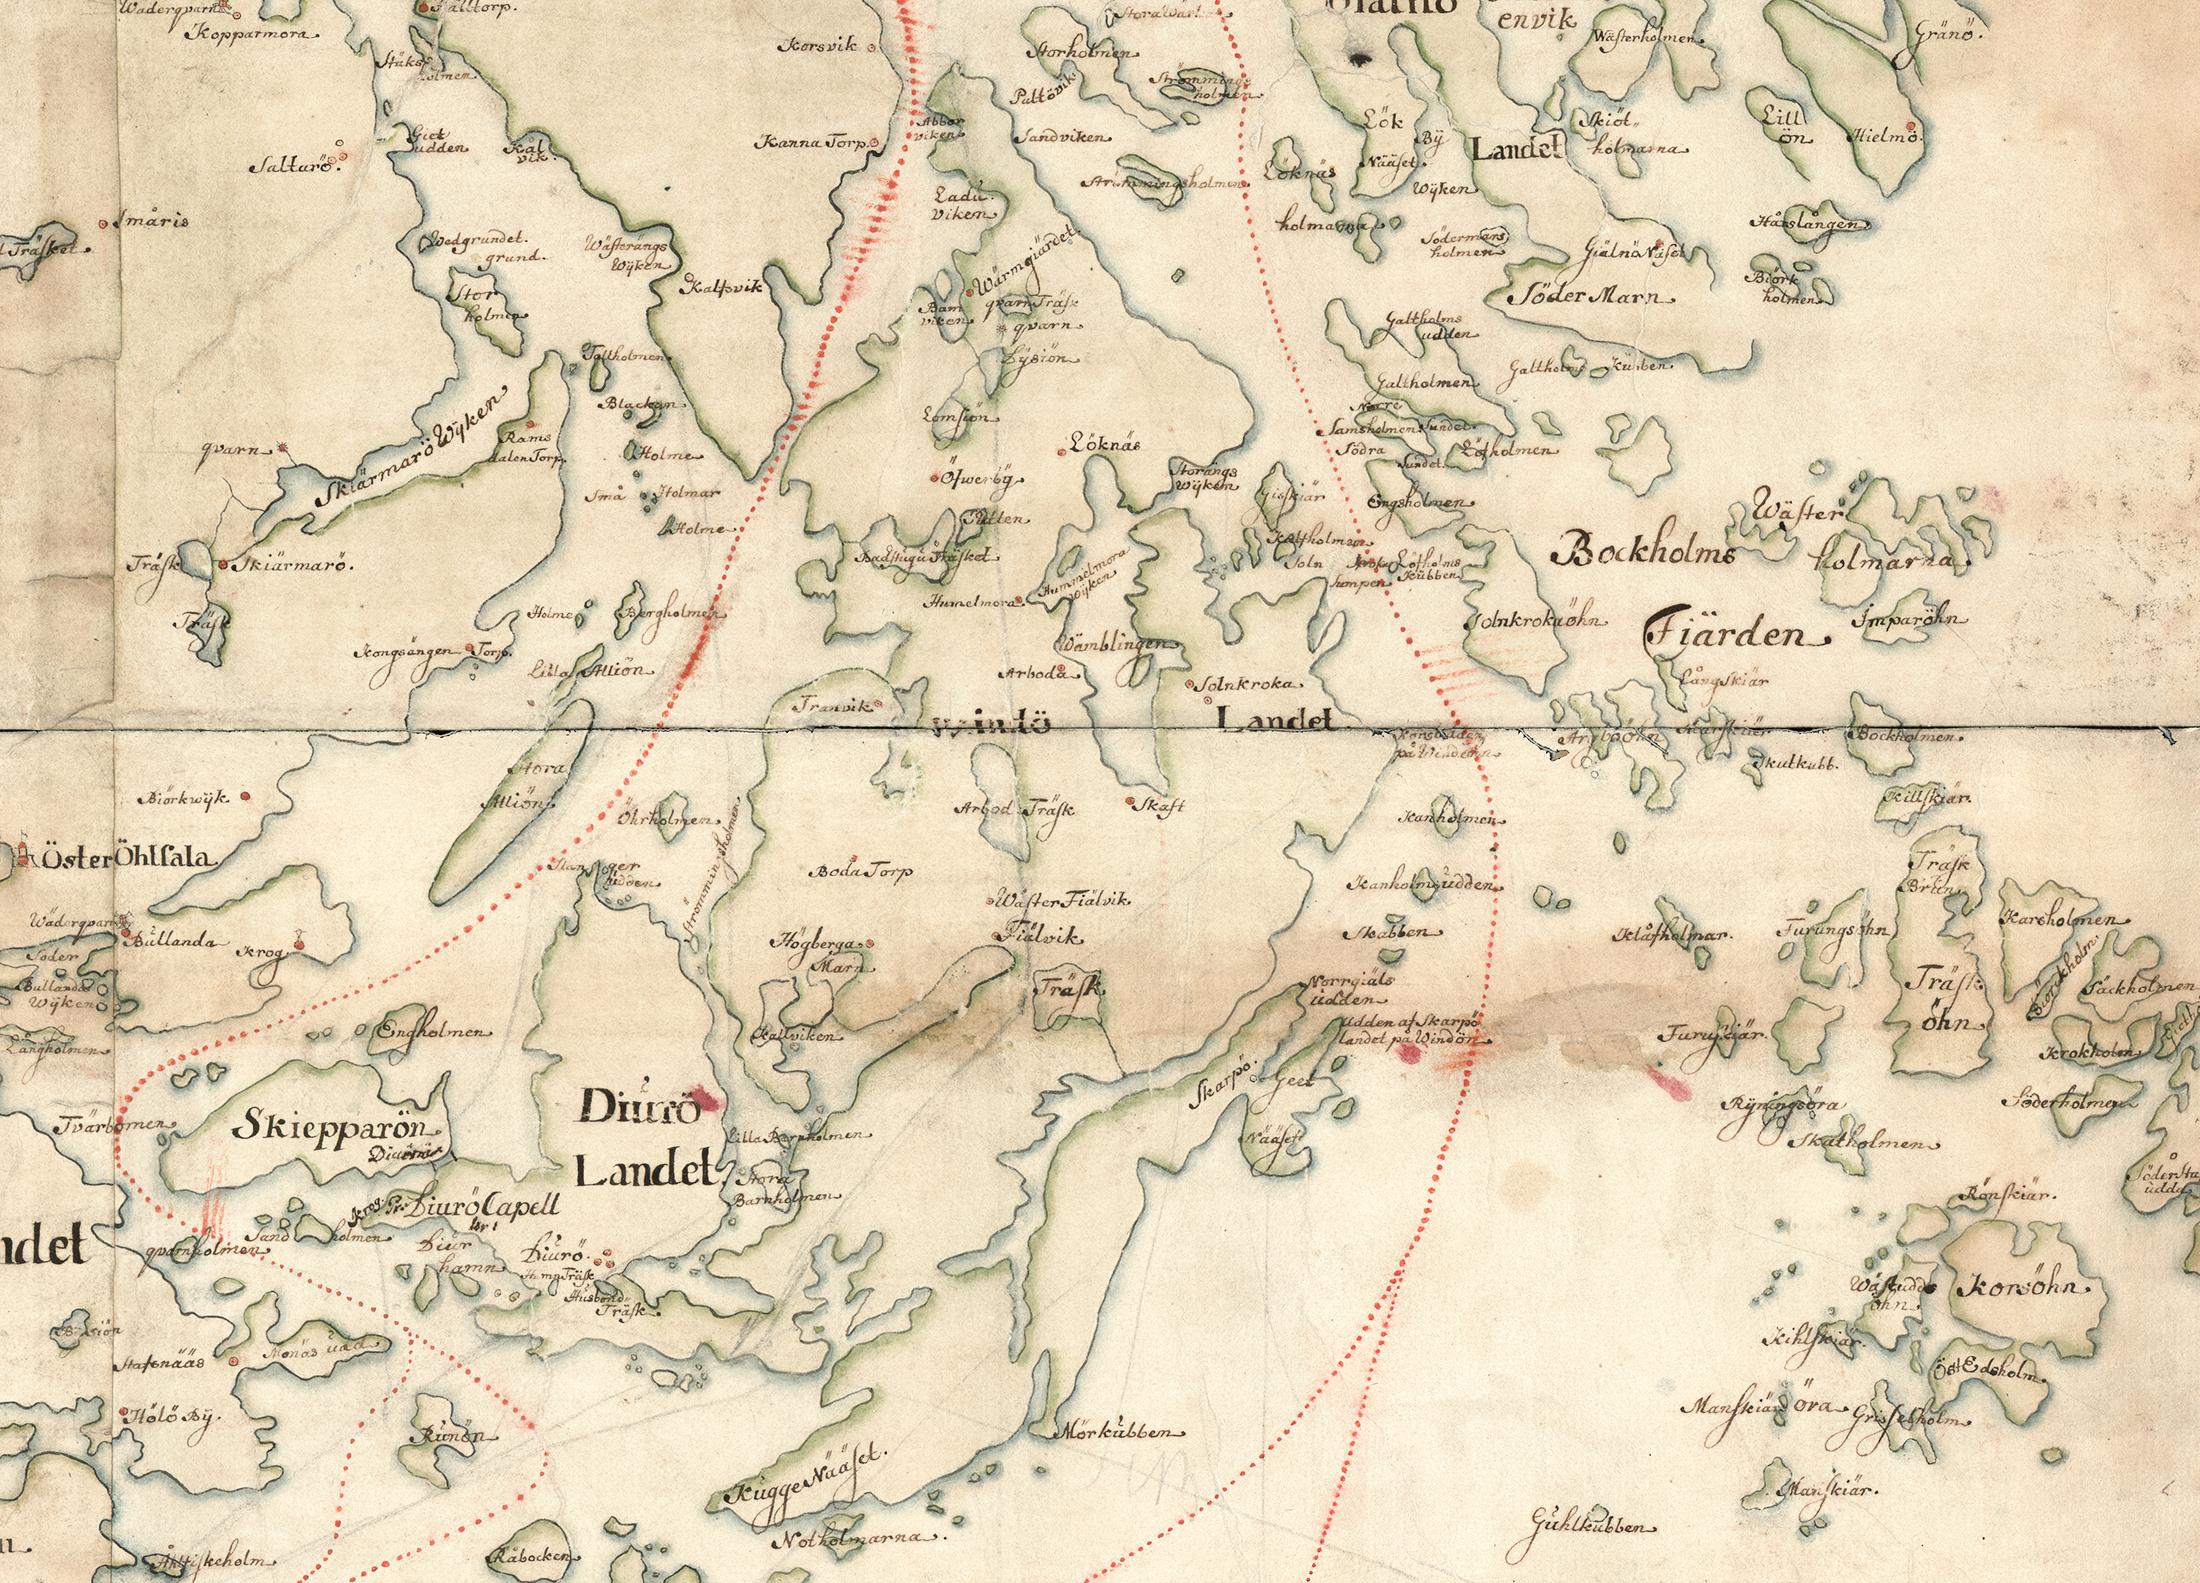 Vindö på Carl Gripenhielms skärgårdskarta från 1690-talet. Tyvärr är den ursprungliga stora kartan styckad i bitar, bilden ovan är en sammansättning. Väderstrecken är förvridna.